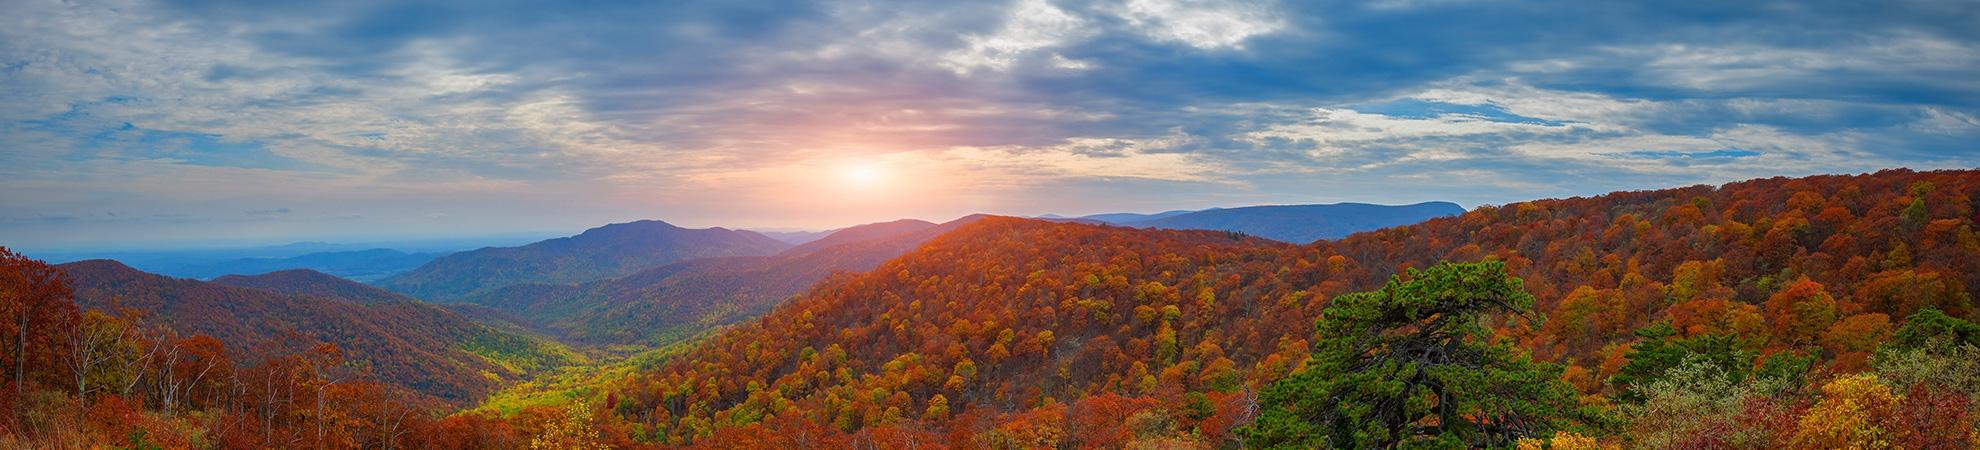 Voyage Shenandoah National Park